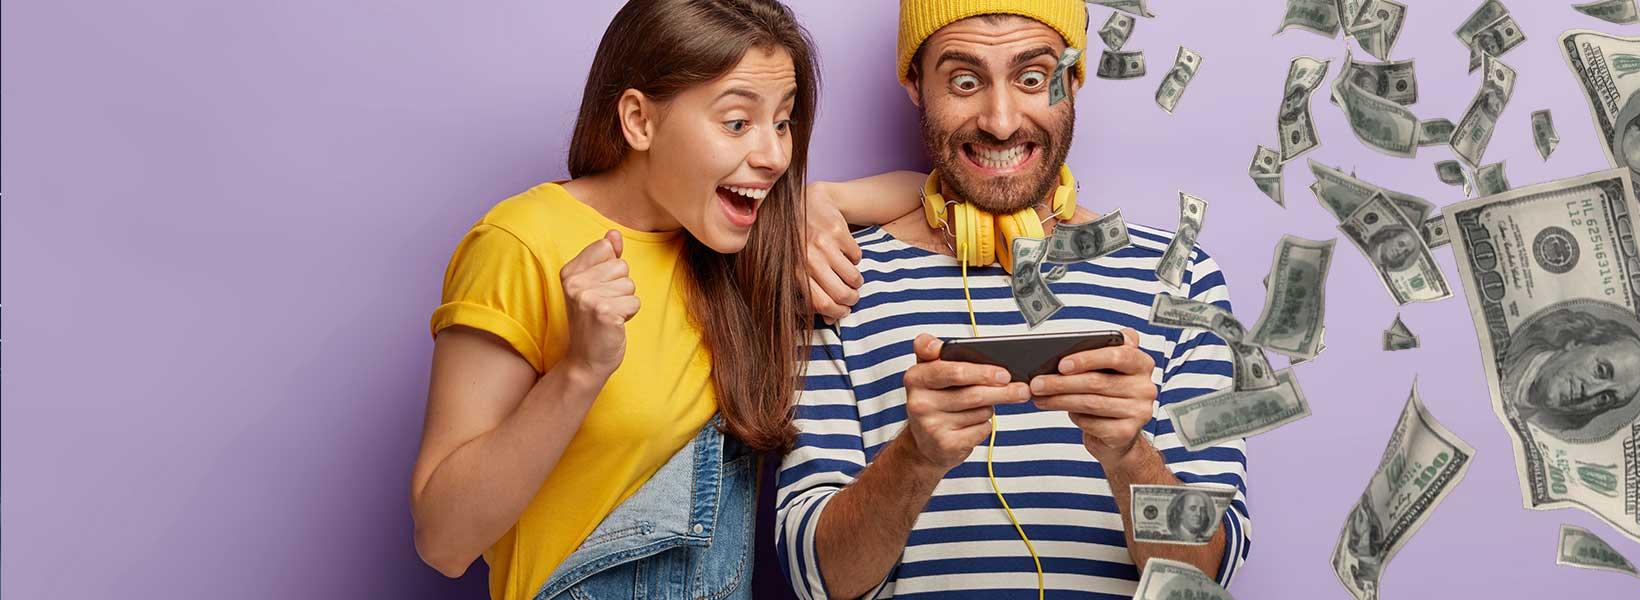 jocuri cu bani reali fără depunere